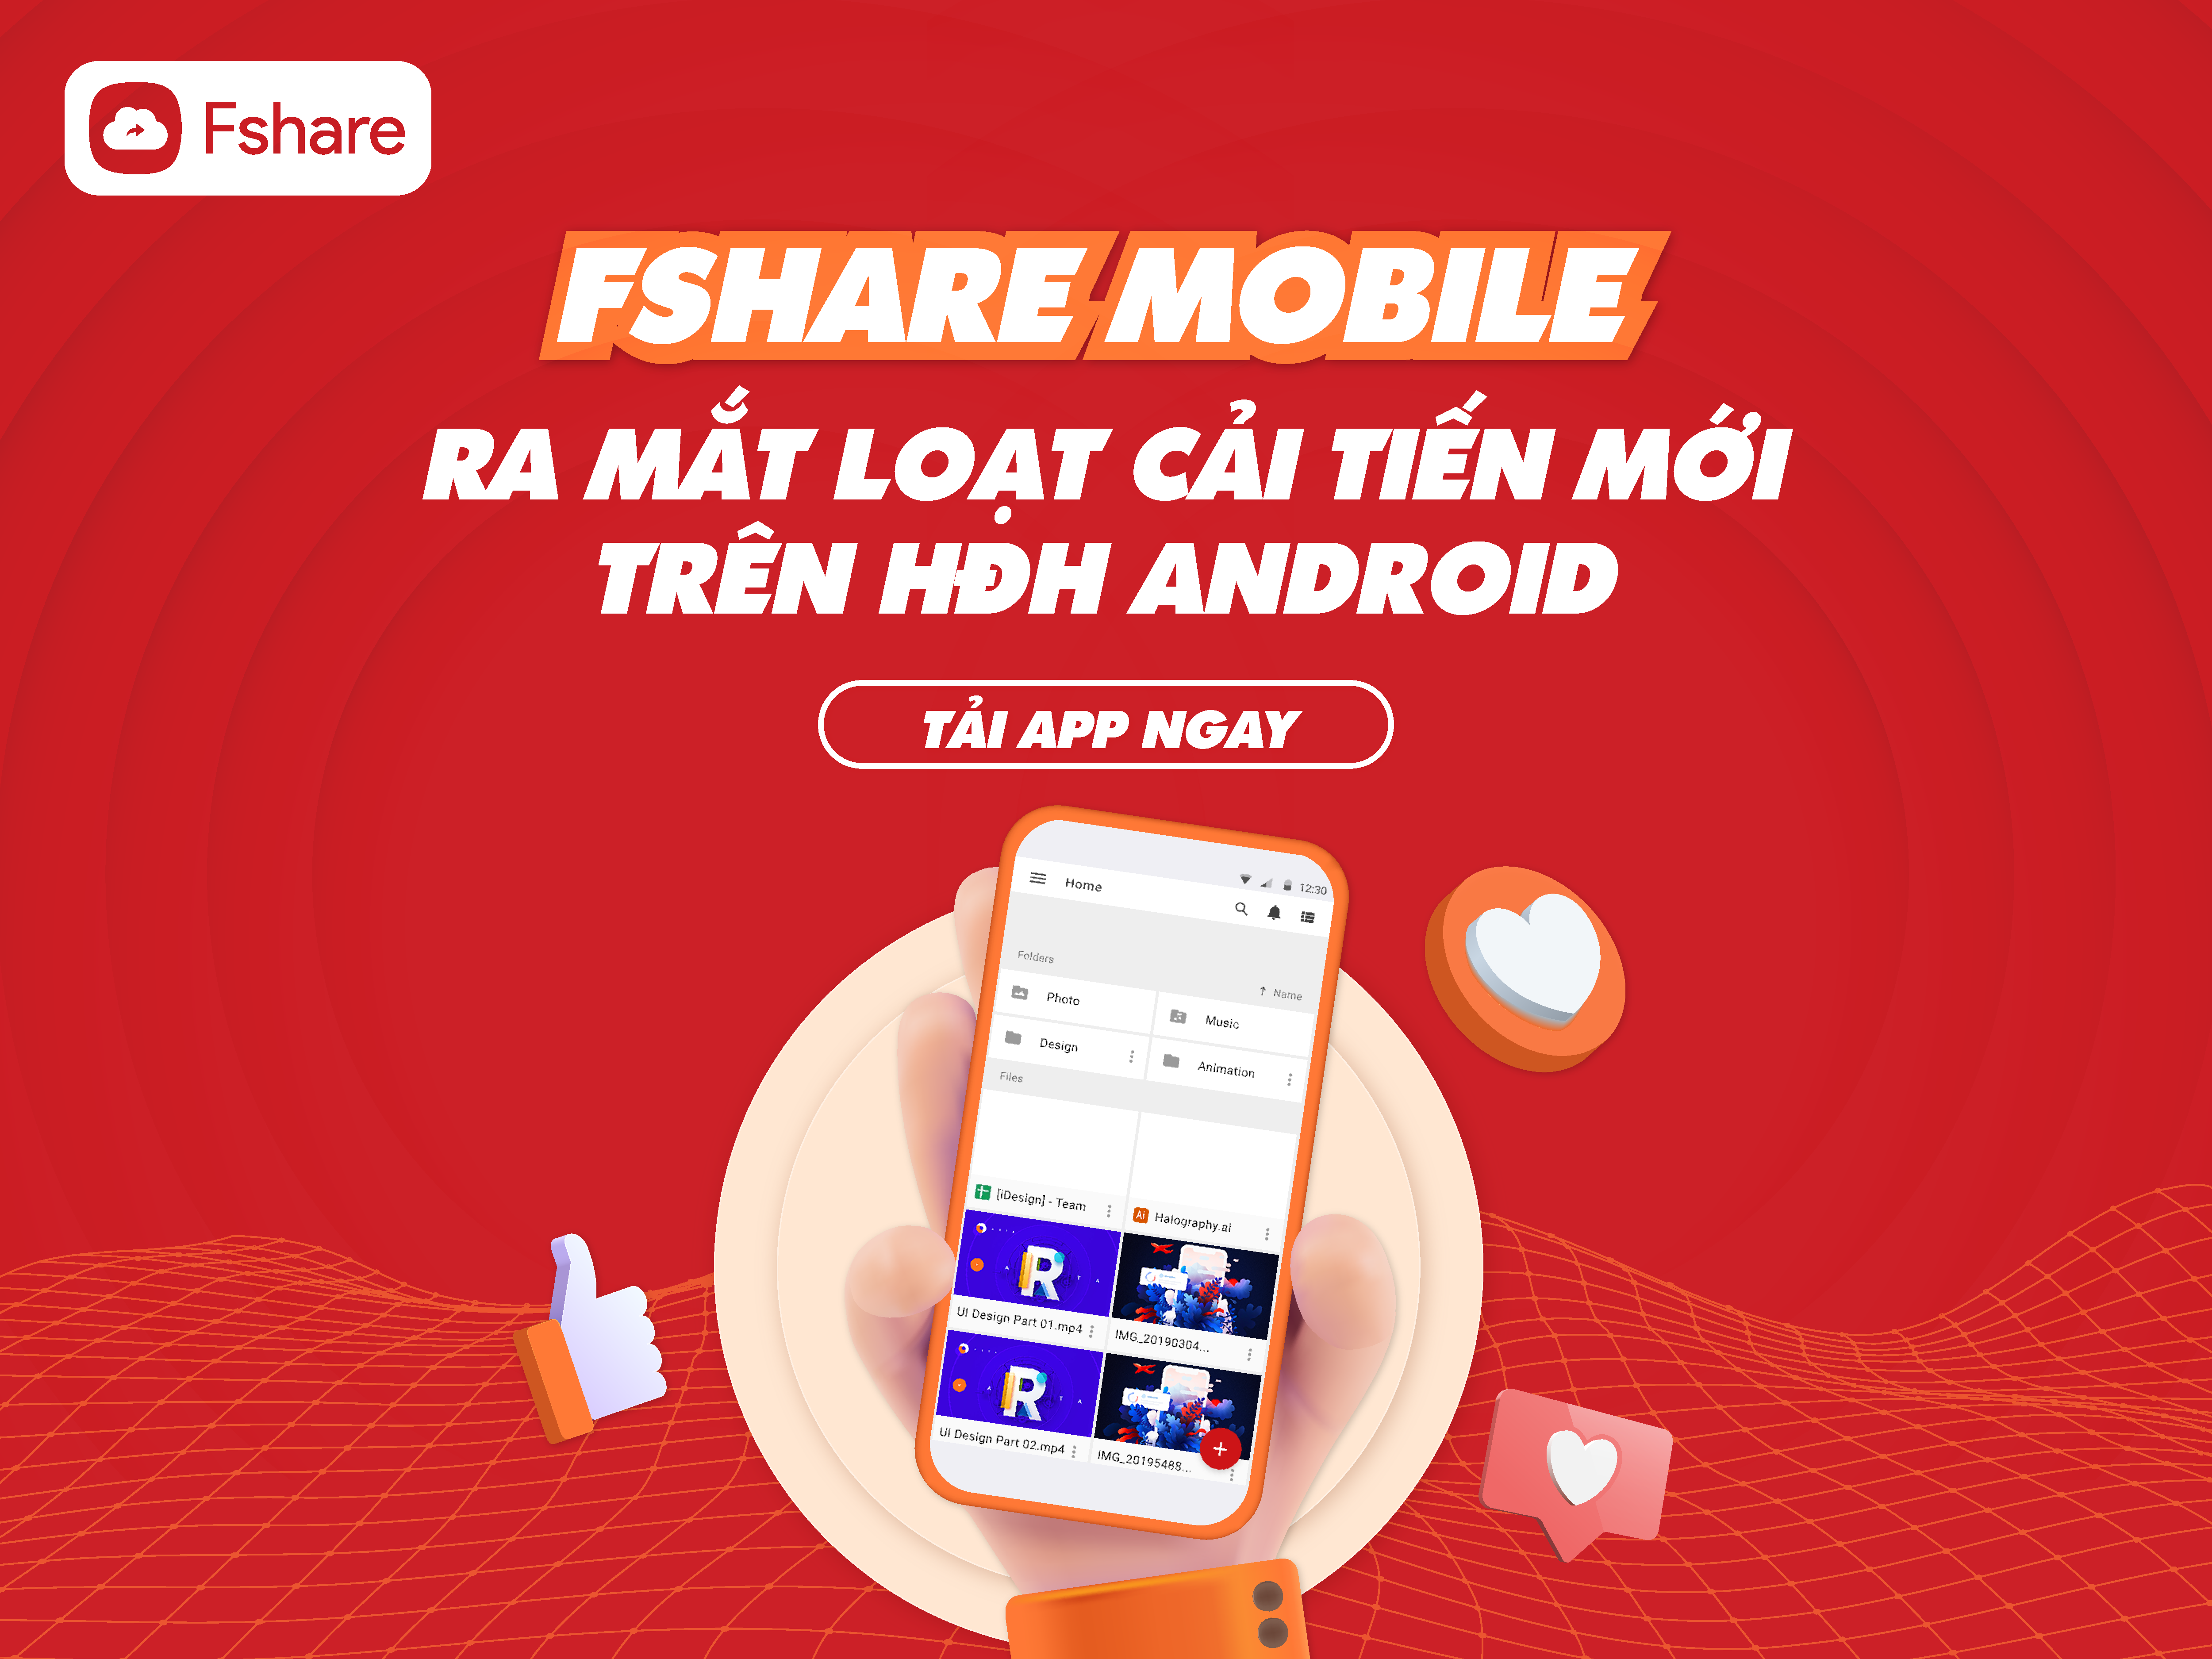 Fshare mobile app